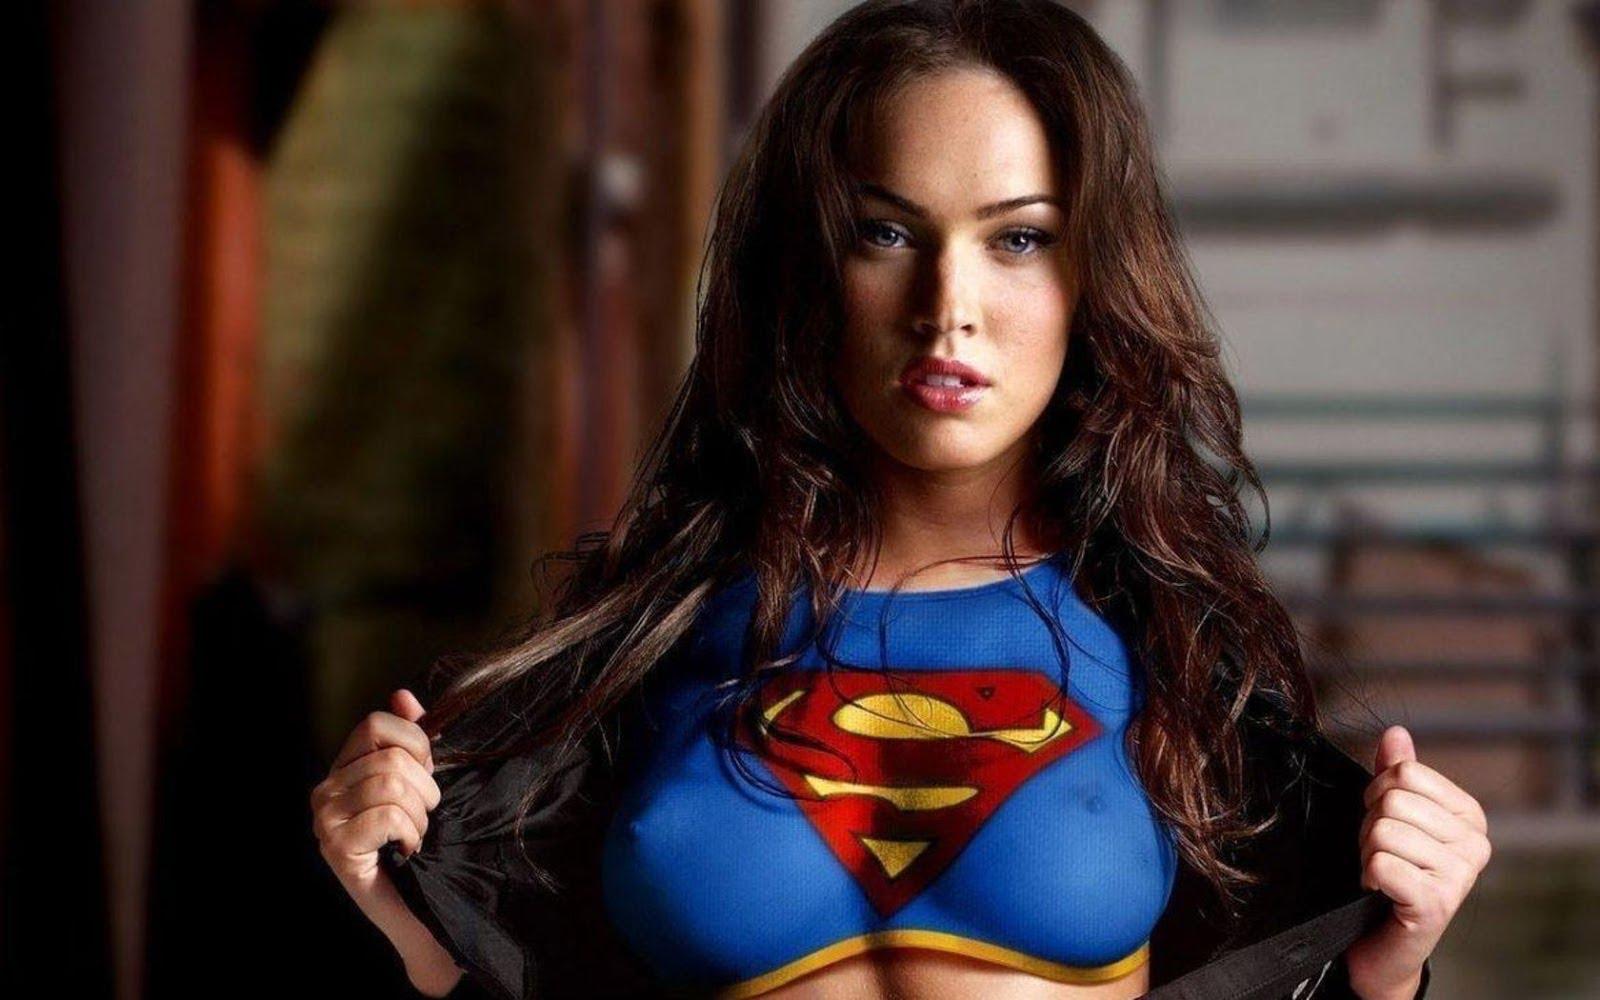 梅根·福克斯 Megan Fox